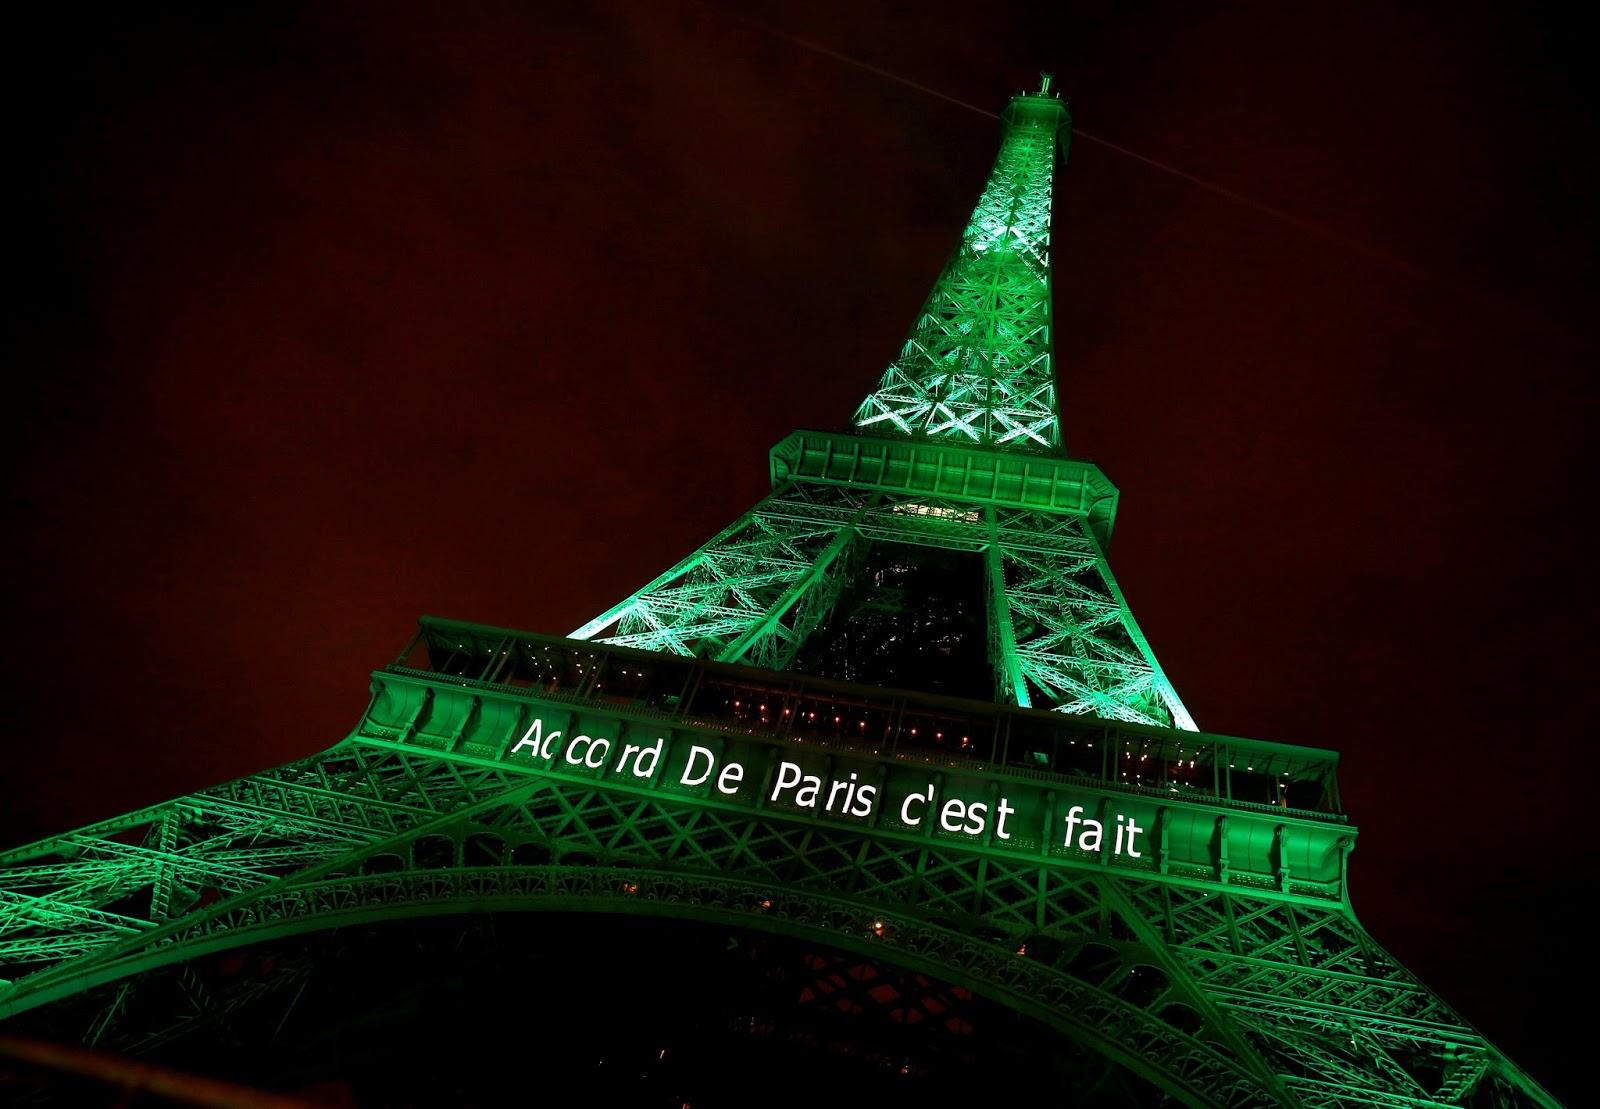 WB kỳ vọng bước tiến tích cực tại hội nghị 'Một Hành tinh' ở Paris